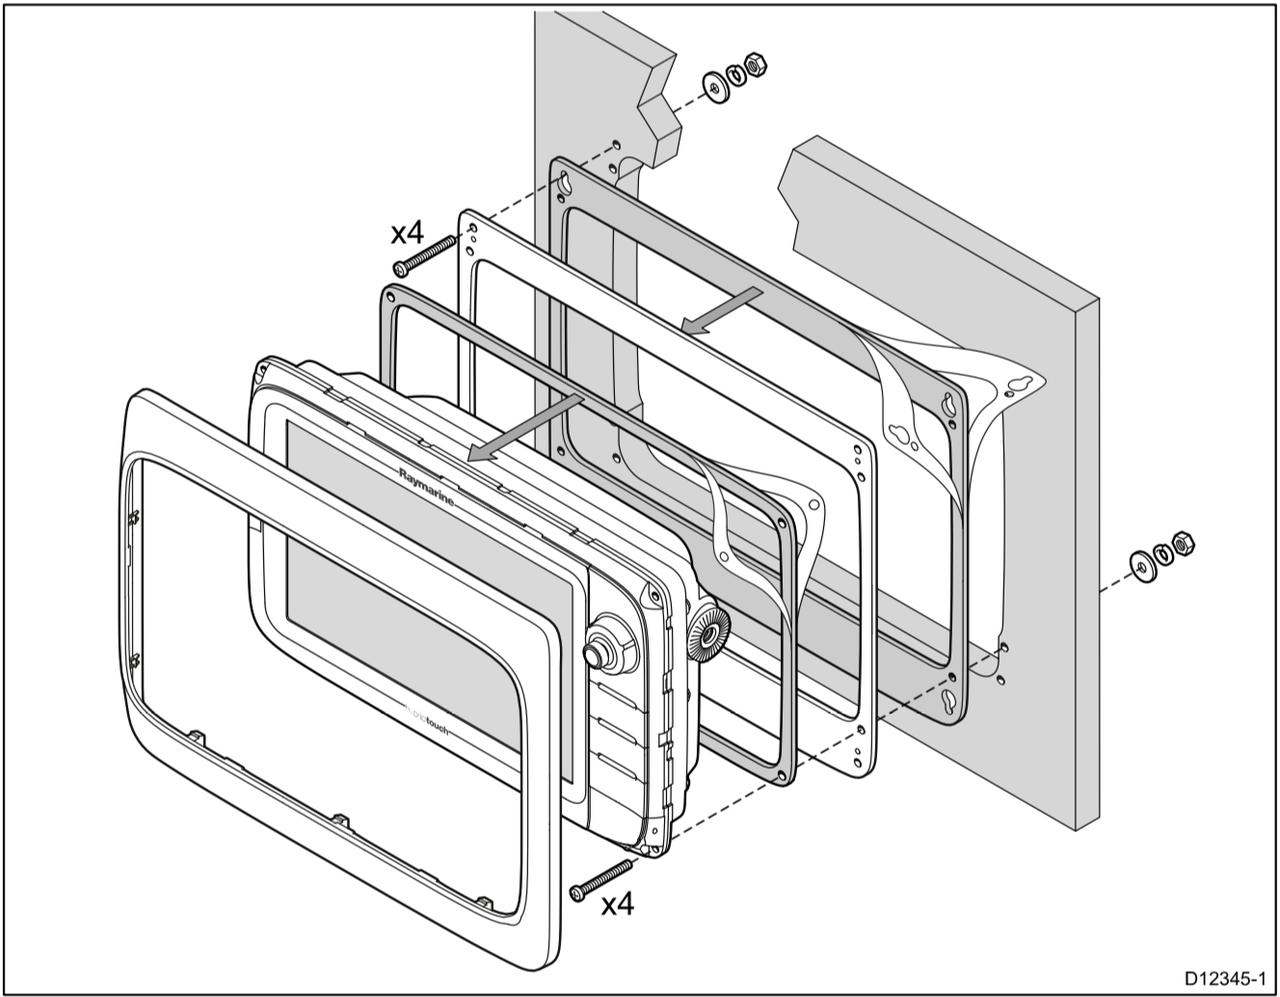 Raymarine Microphone Wiring Diagram - DIY Wiring Diagrams •